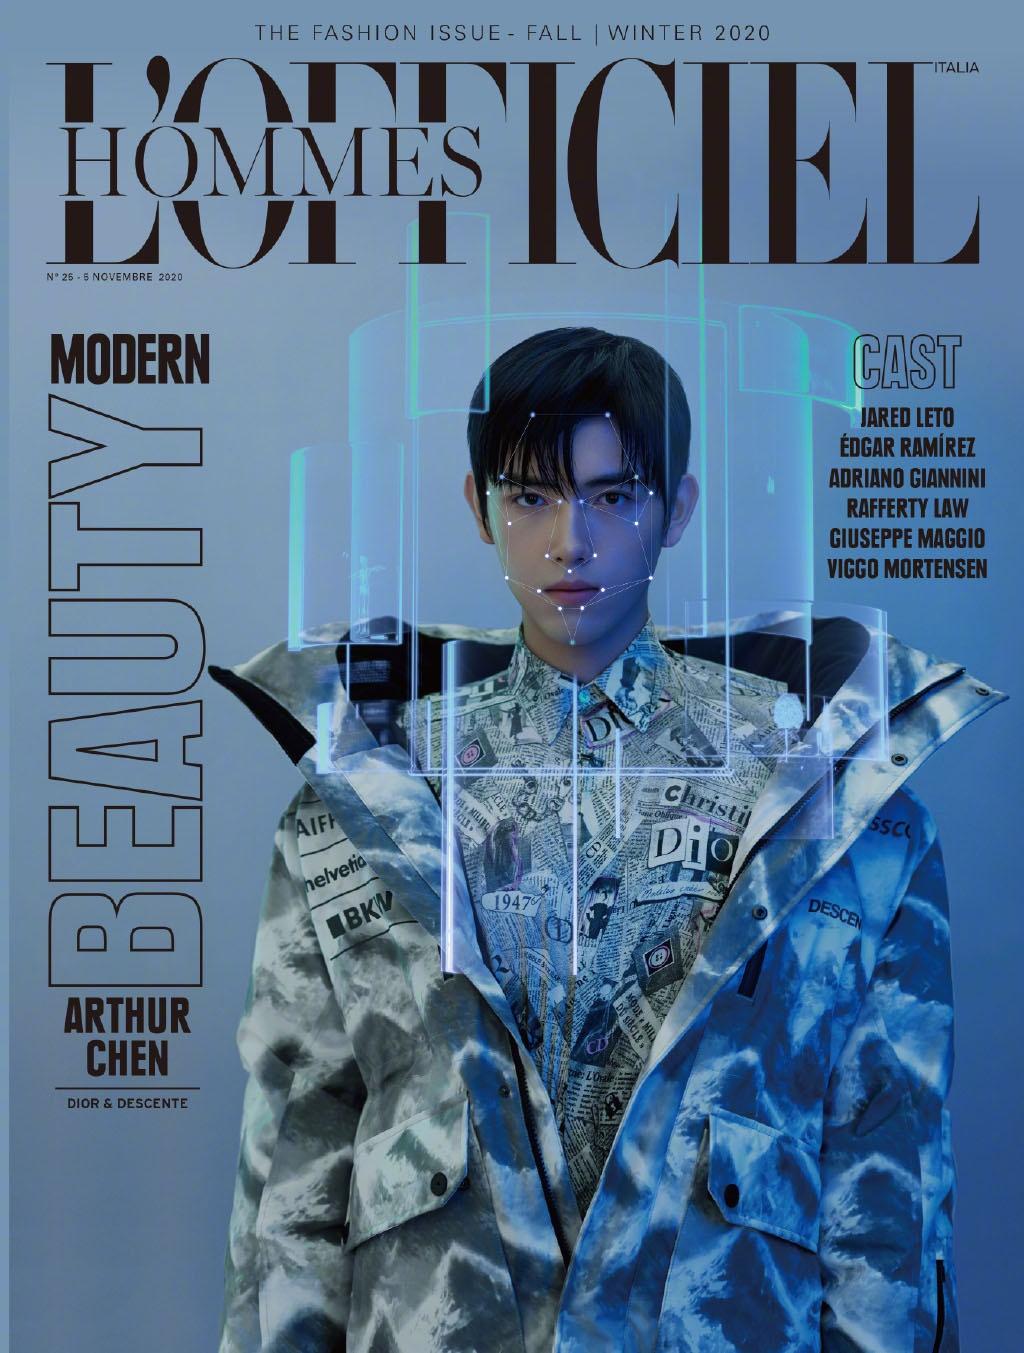 陈飞宇意大利版L'Officiel Hommes 11月刊封面大片